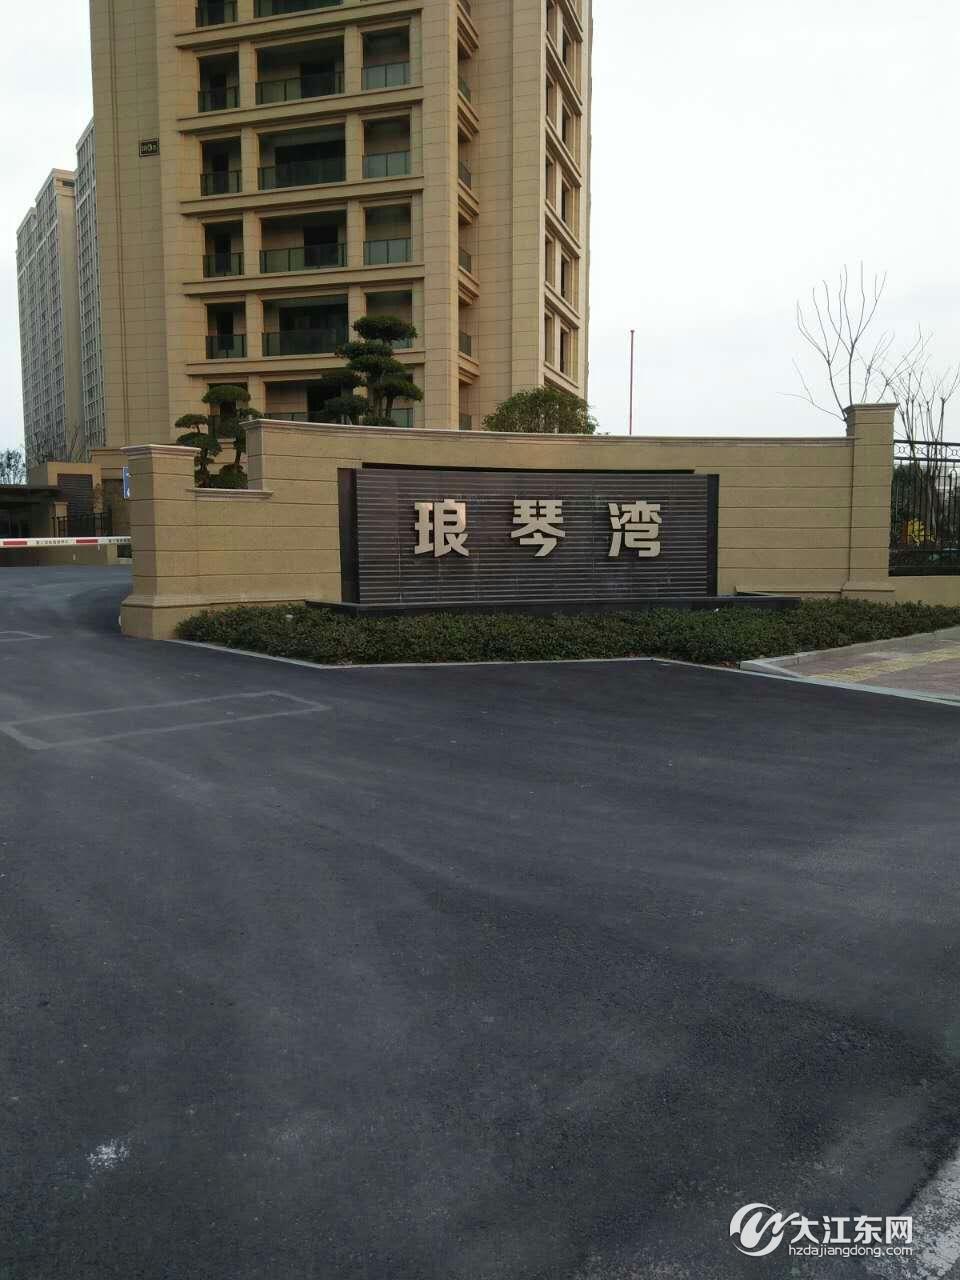 新世界琅琴湾 3室2厅2卫 89㎡